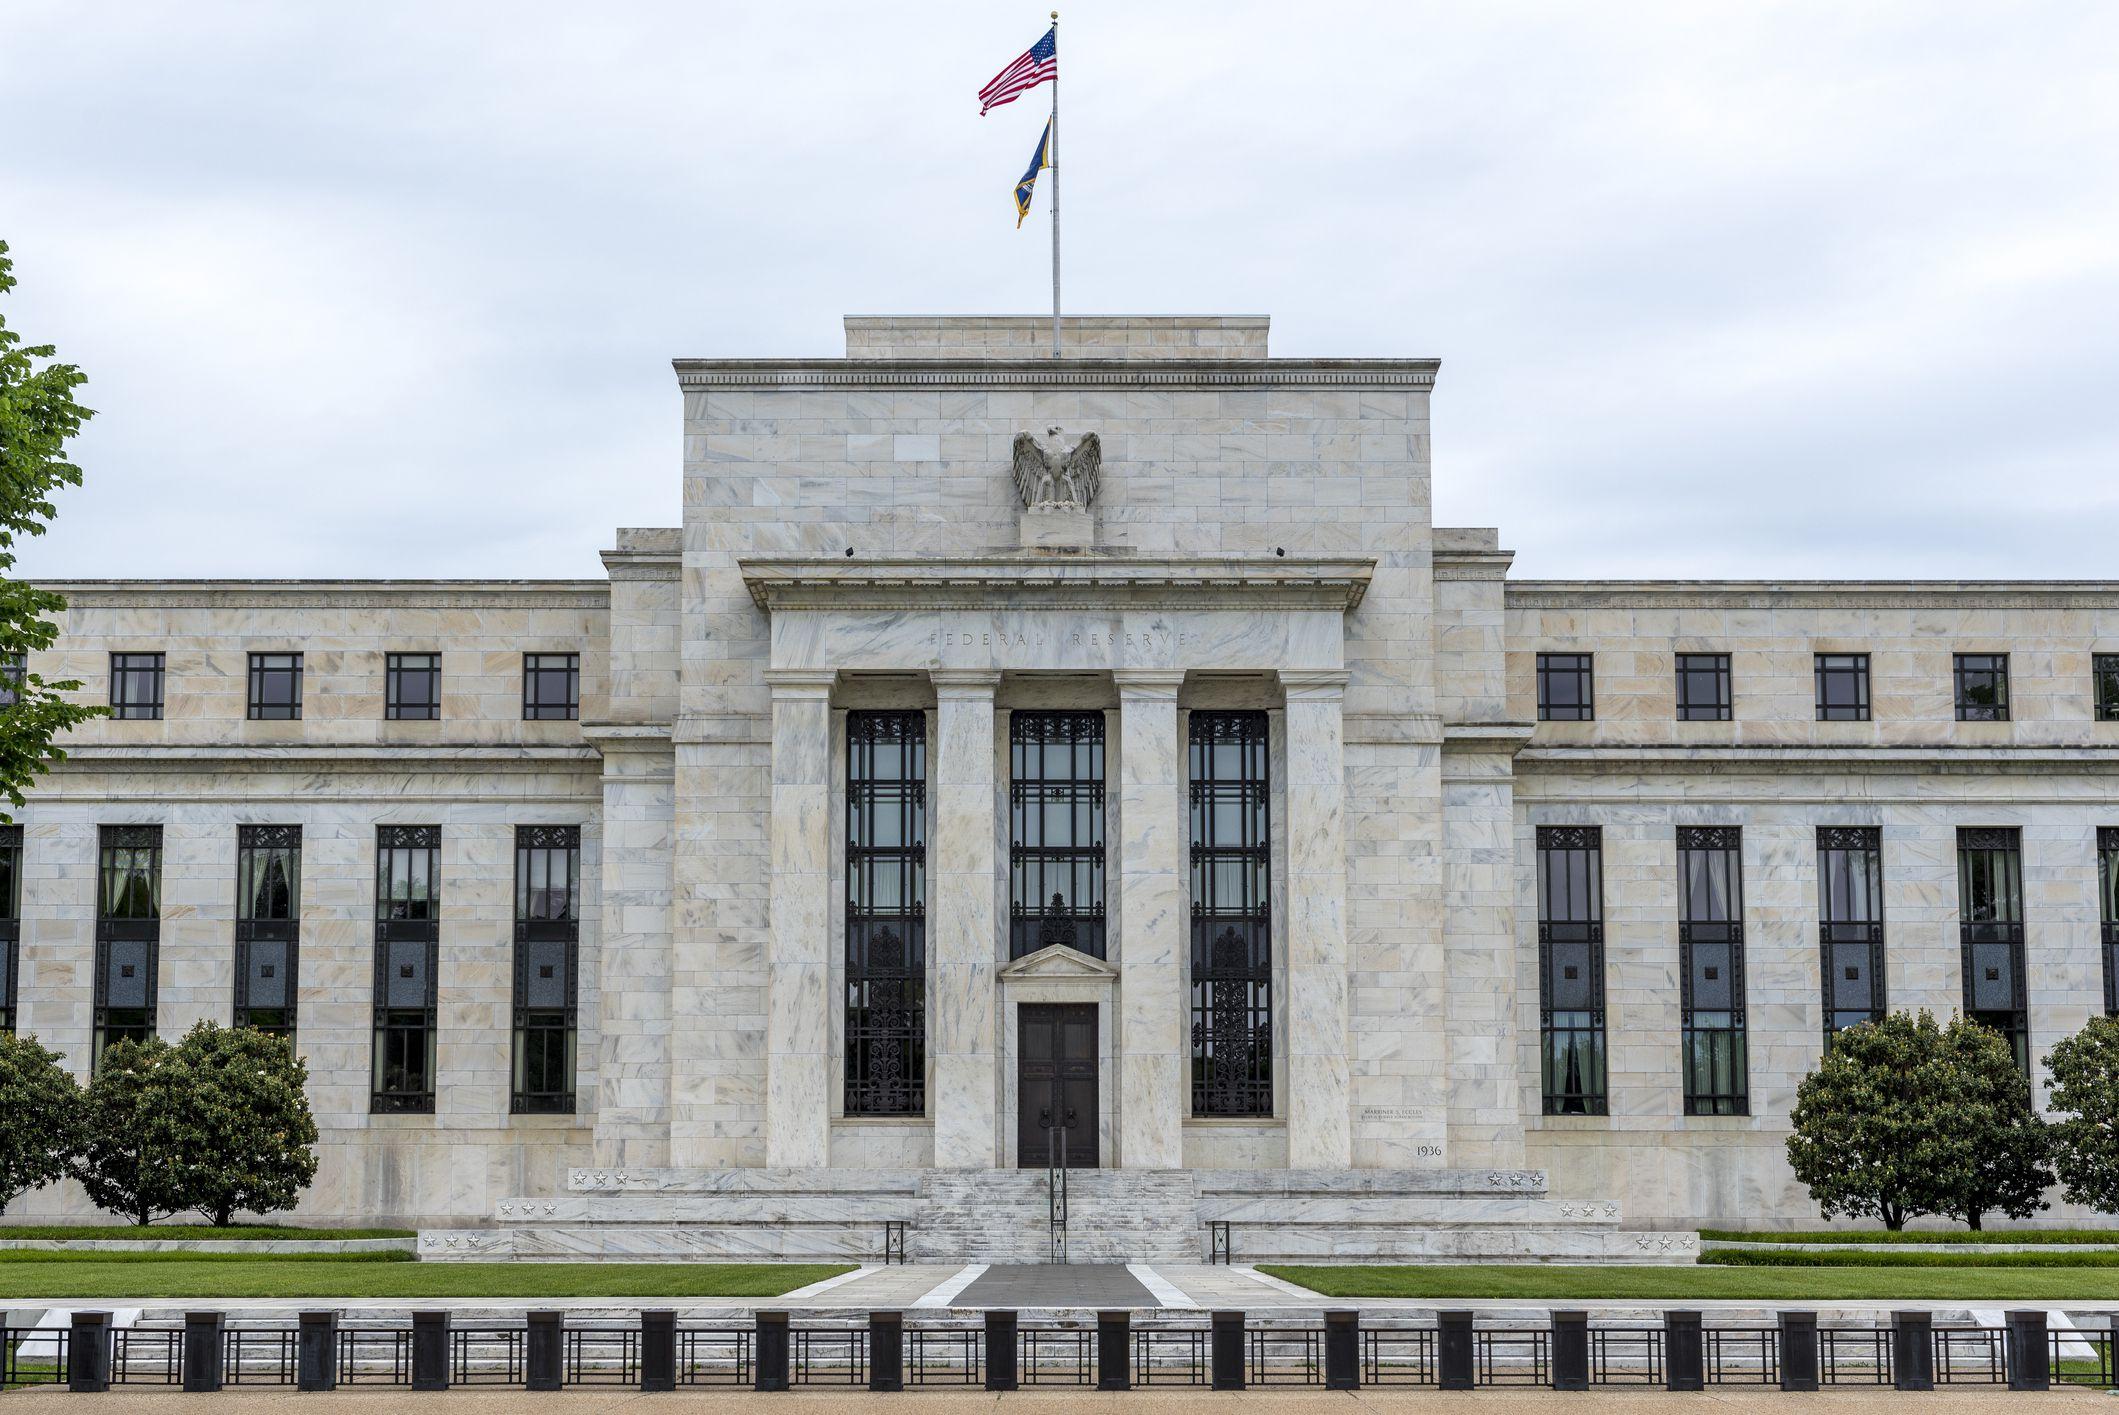 La Federal Reserve è il massimo investitore mondiale